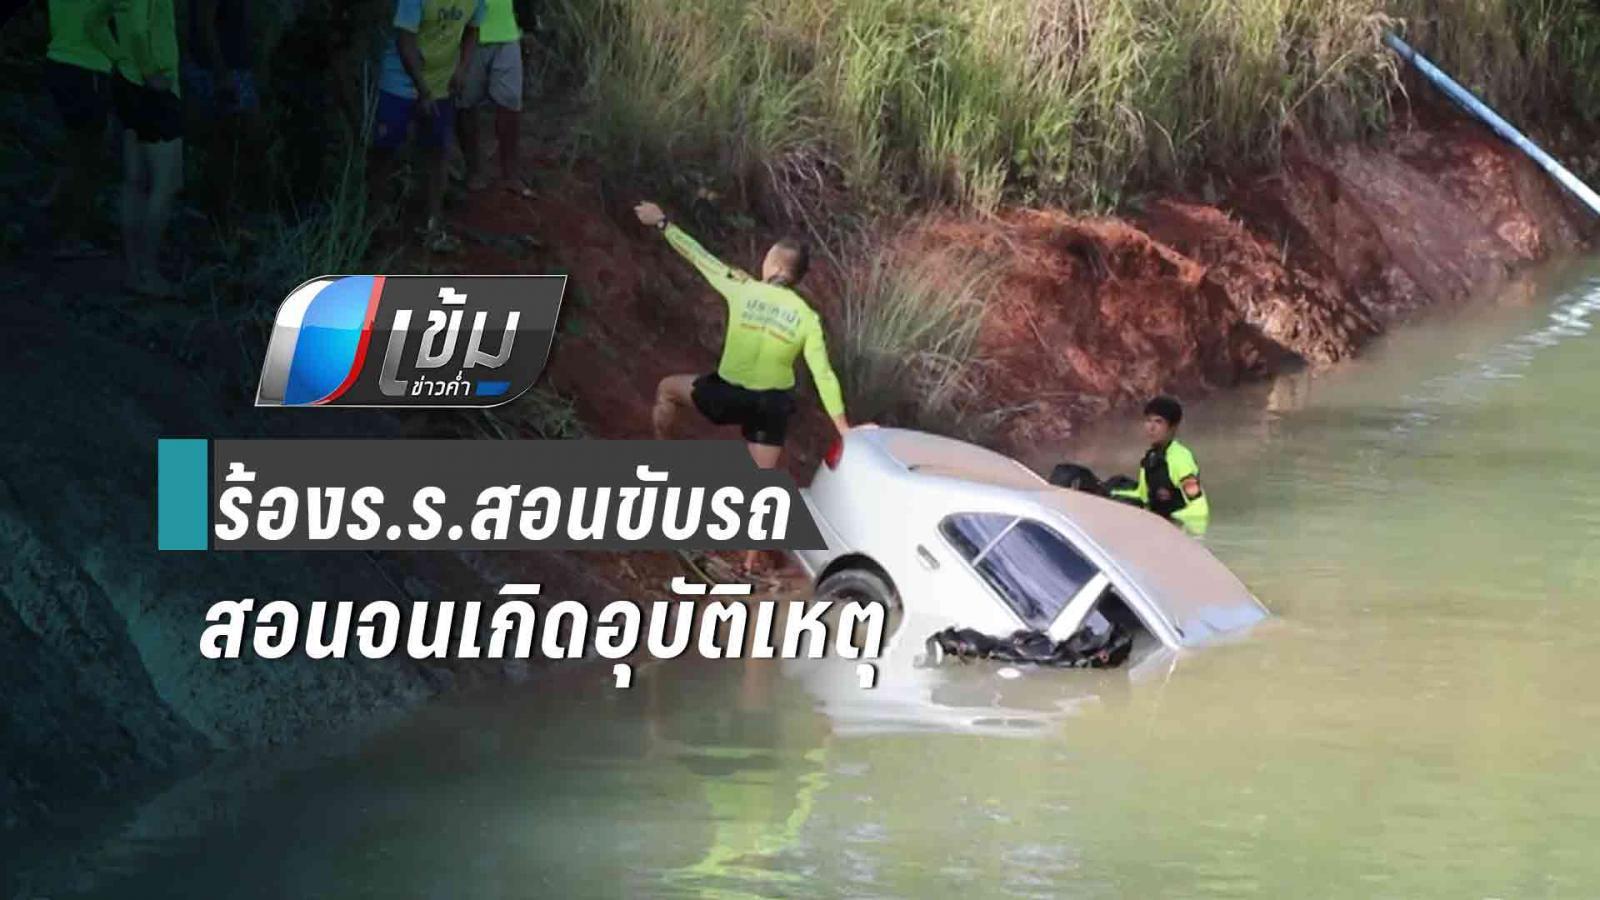 ลูกชายร้องร.ร.สอนขับรถให้แม่ขับจนเกิดอุบัติเหตุ